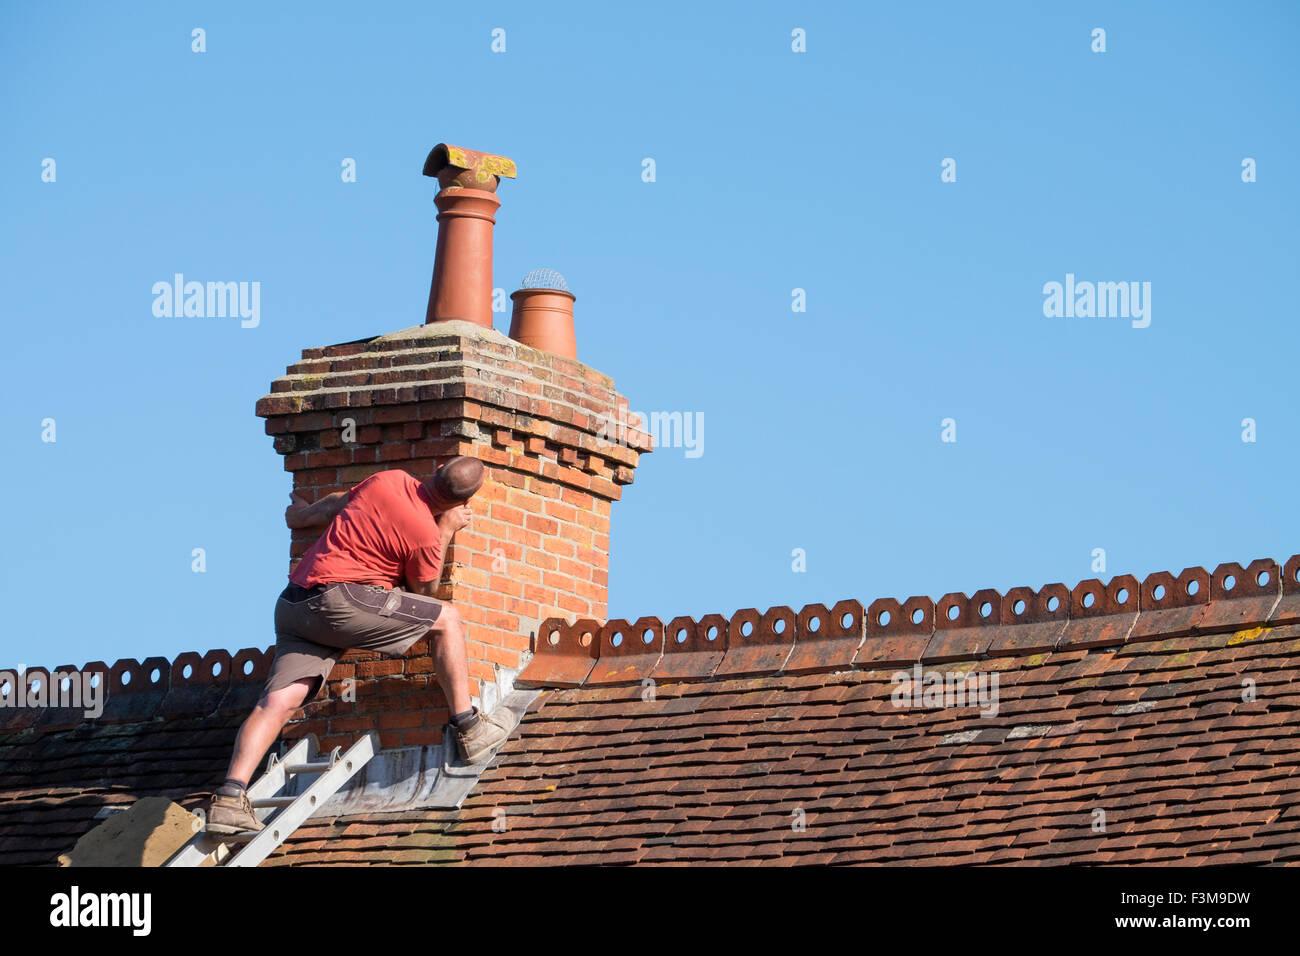 Ein Mann auf dem Dach einen Schornstein zur Reparatur Inspektion Stockbild